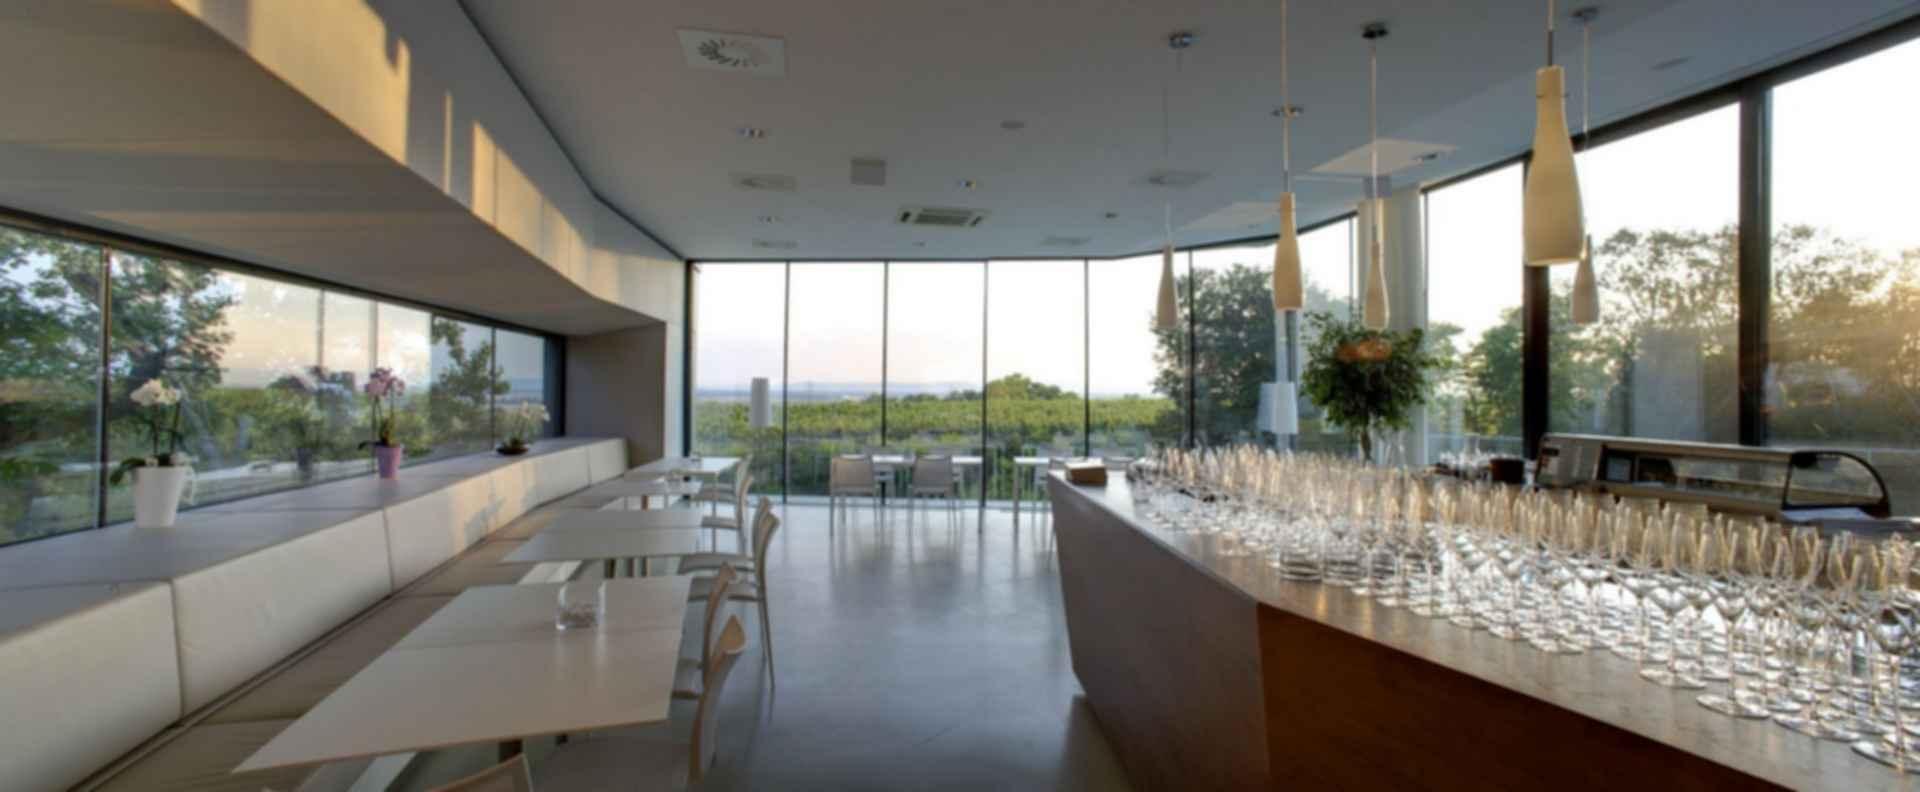 Weritas-Regional Visitor and Wine Center - Interior